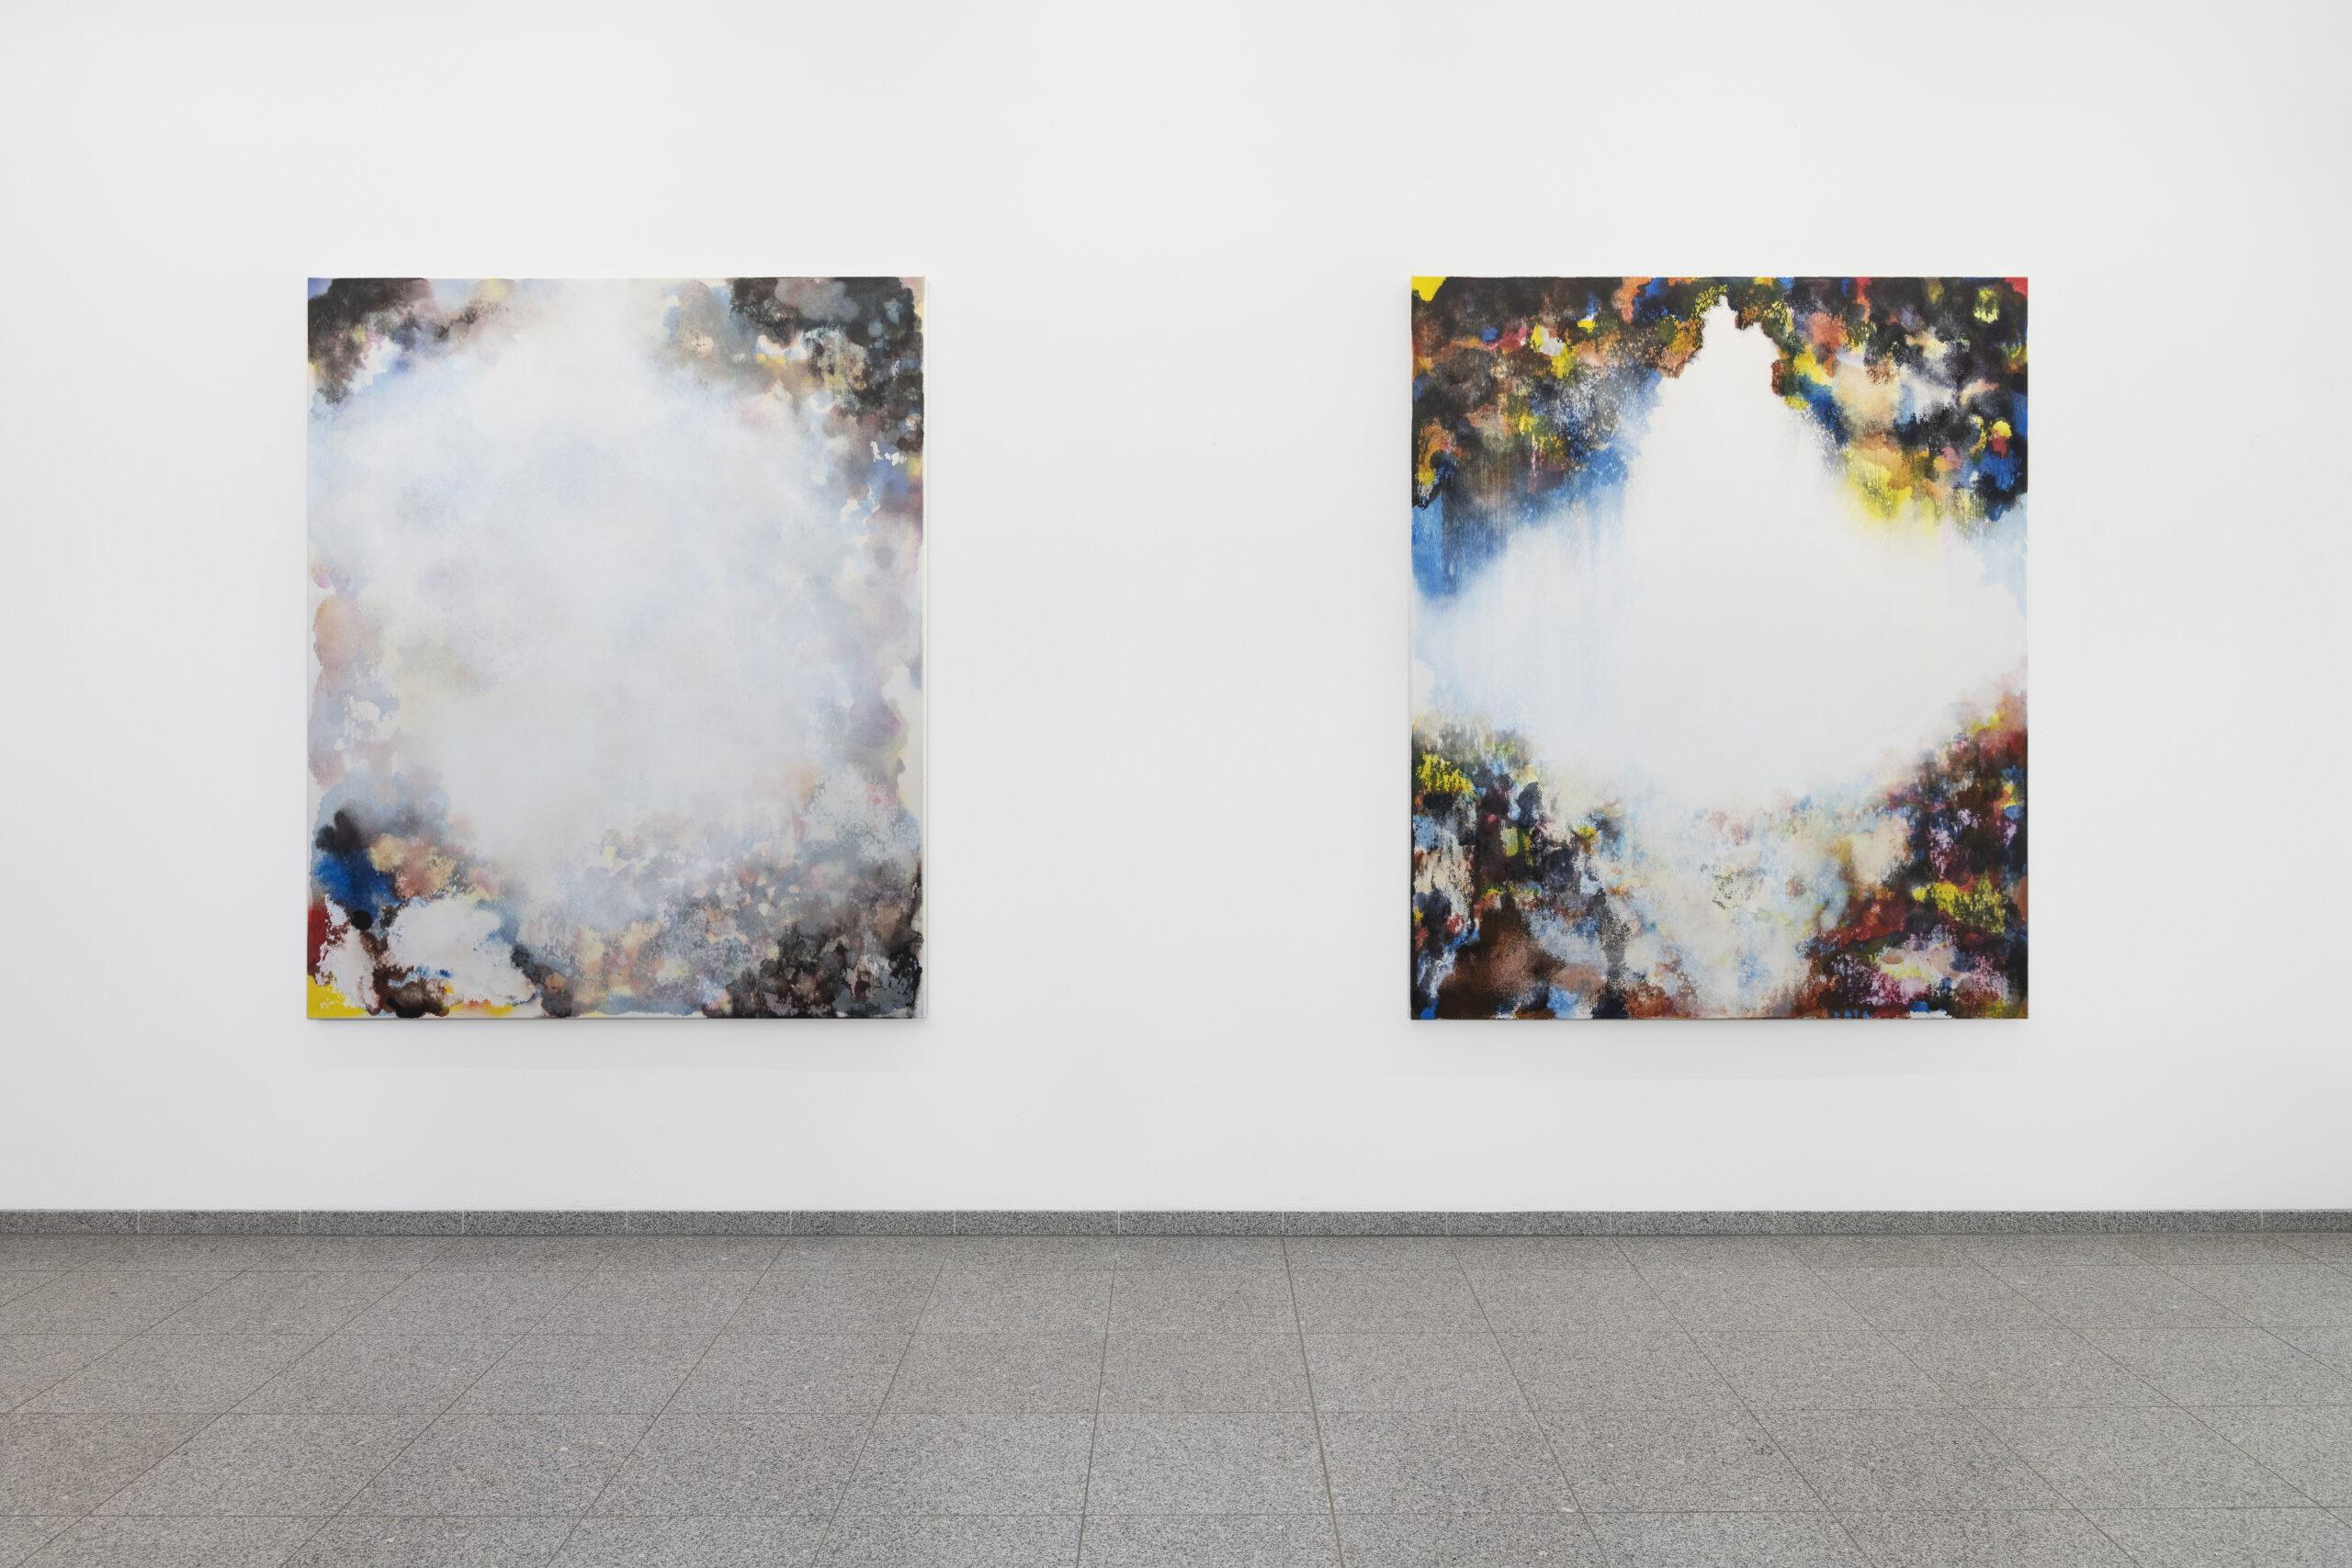 Dome Paintings (1) & (3) / 2020 / 180 cm x 150 cm / Indian ink, Aquarelle, Gouache, canvas